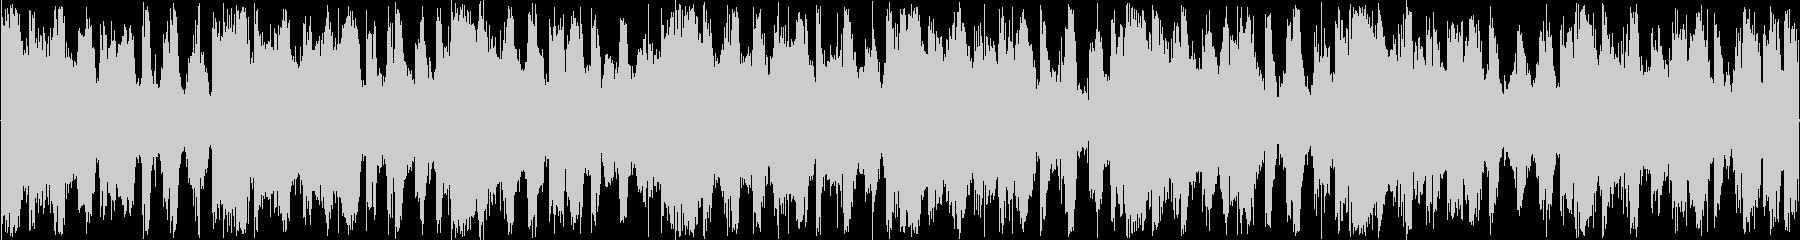 ハウスのリズムを強調した楽曲です。の未再生の波形